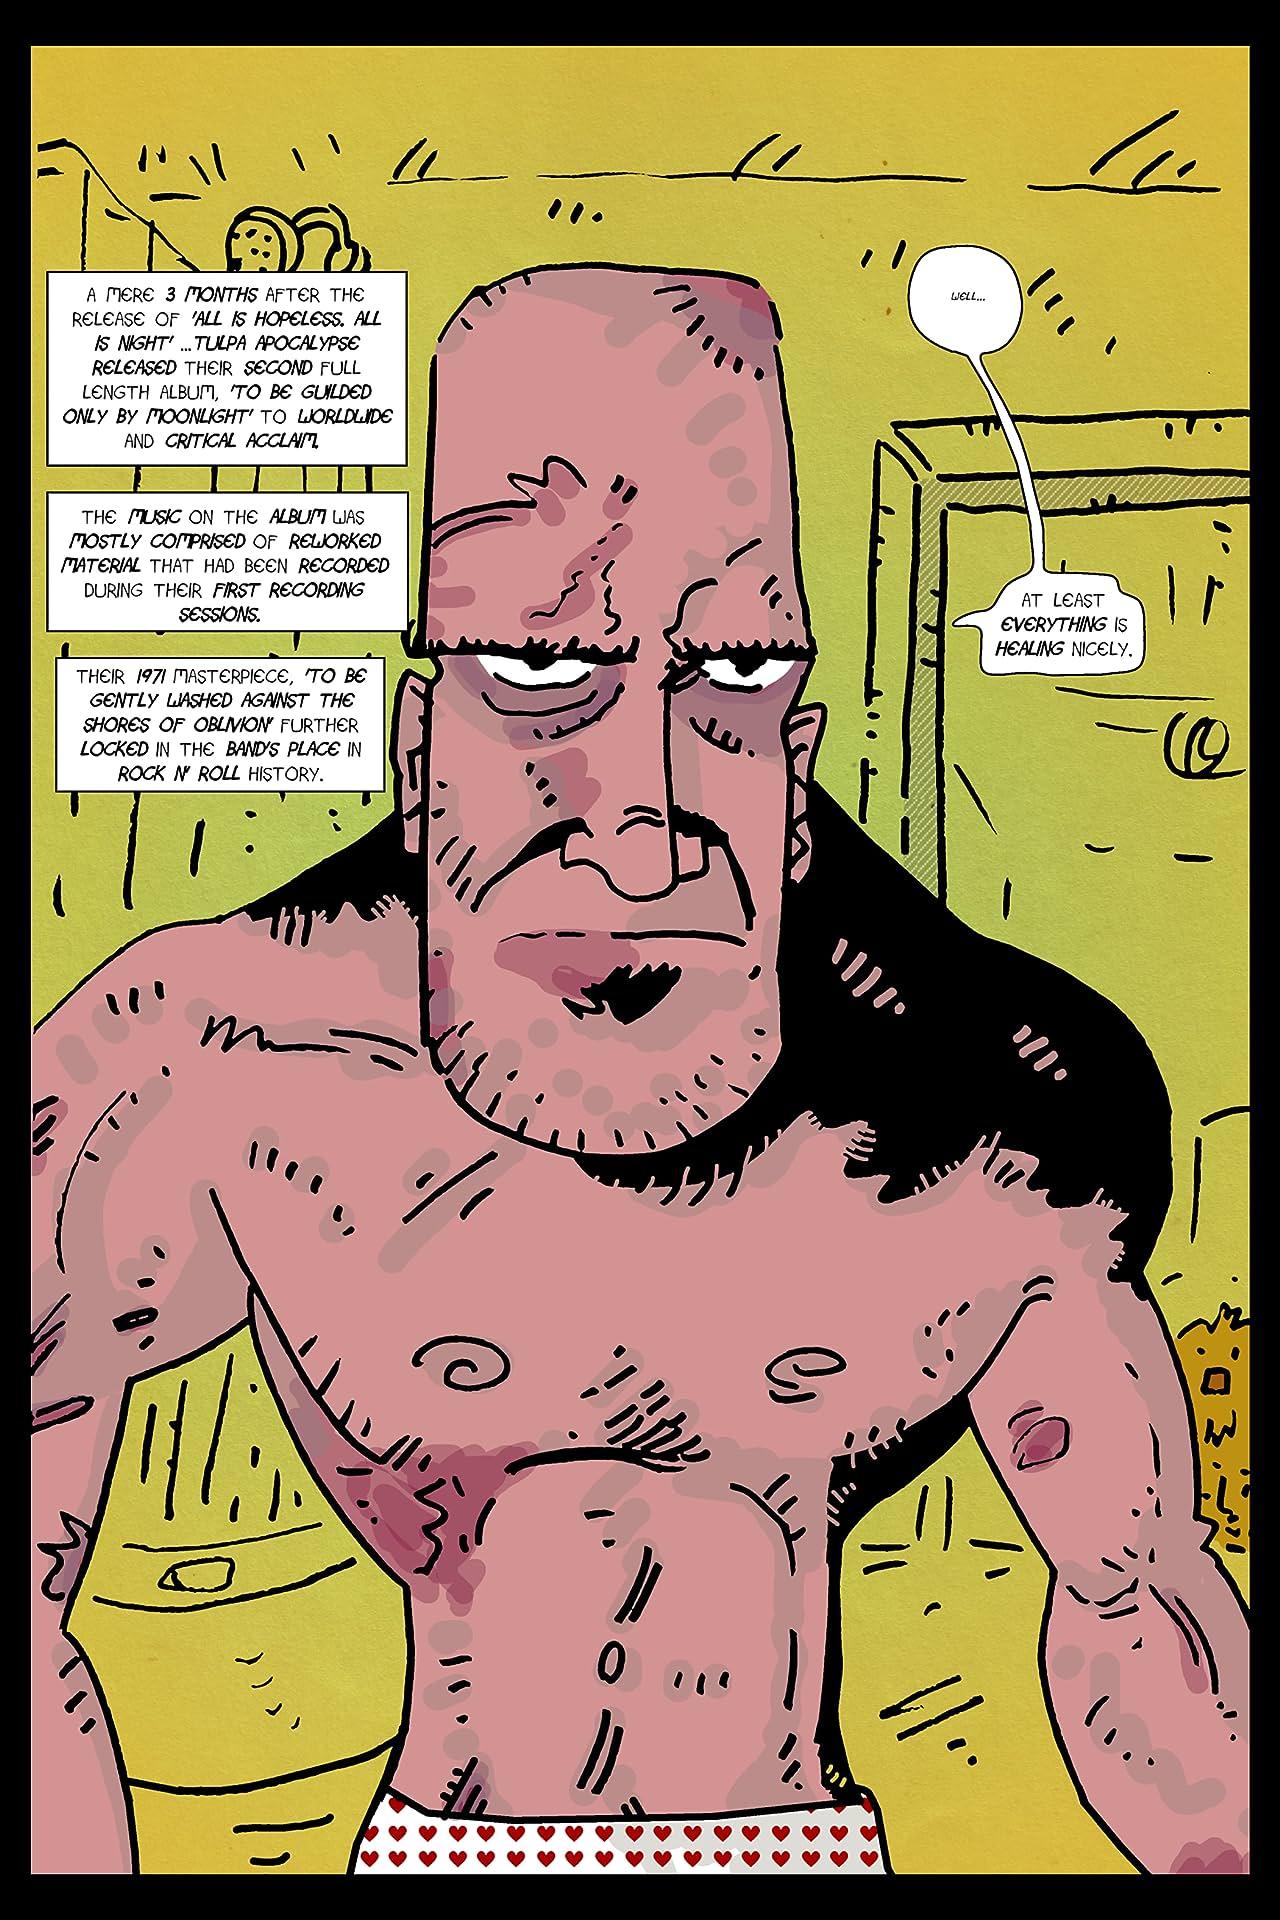 The Disgruntled Avenger #130